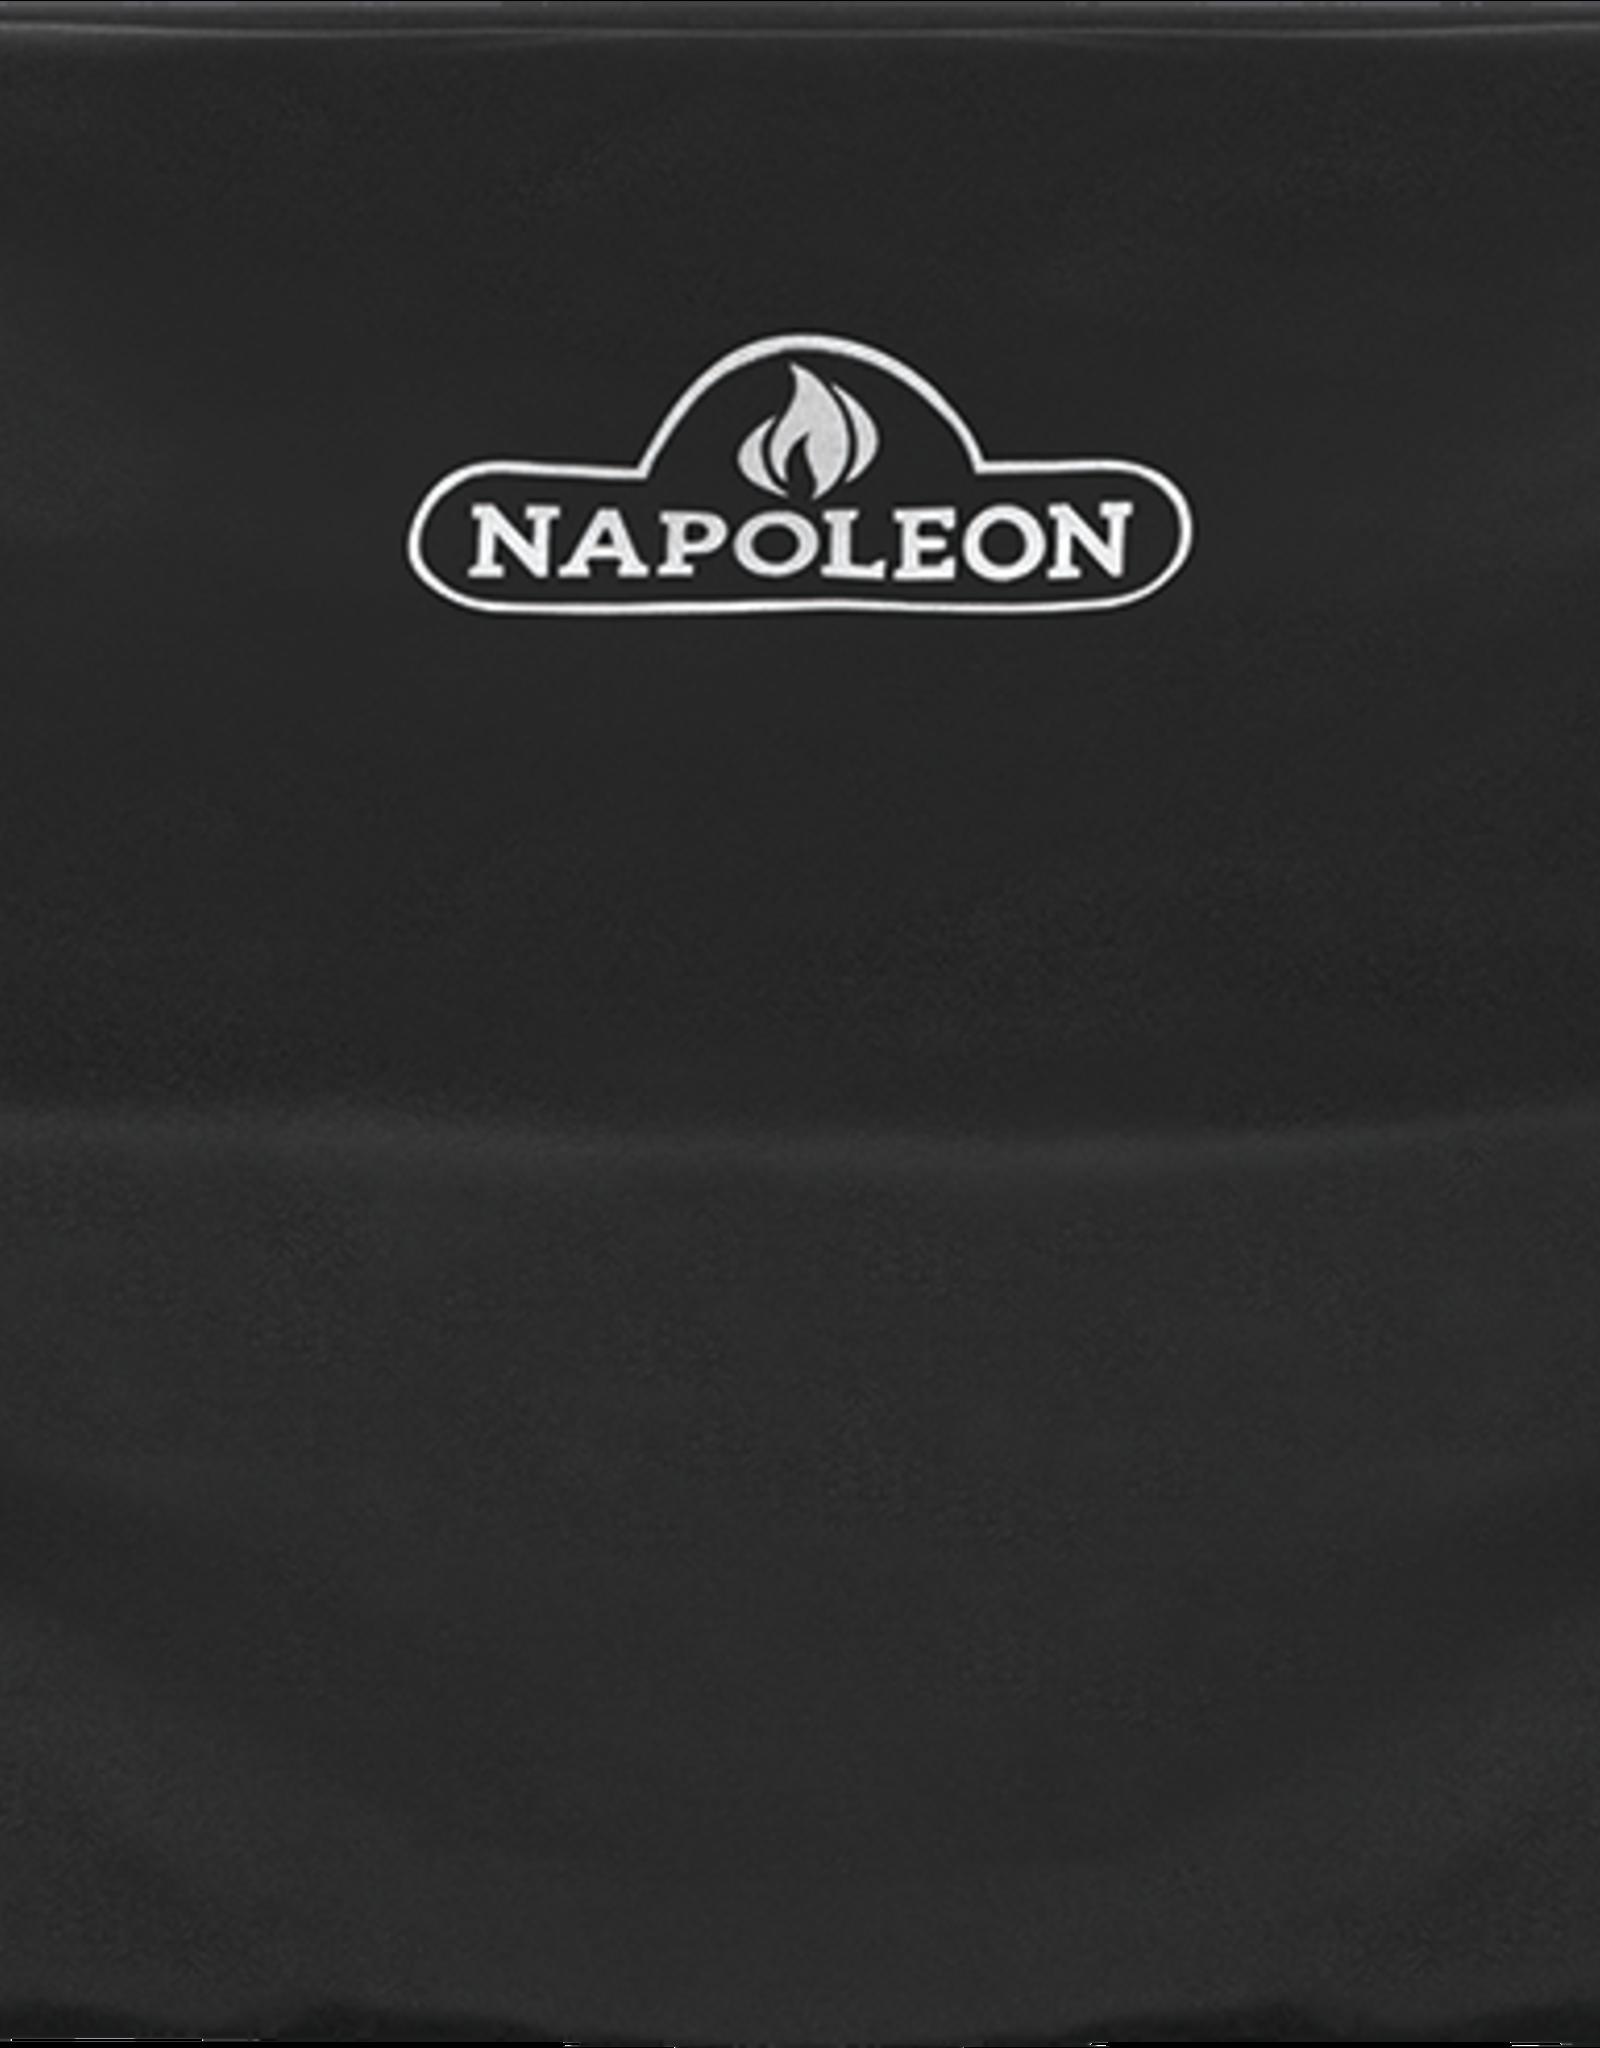 Napoleon Napoleon PRO 665 Built-in Grill Cover - 61666